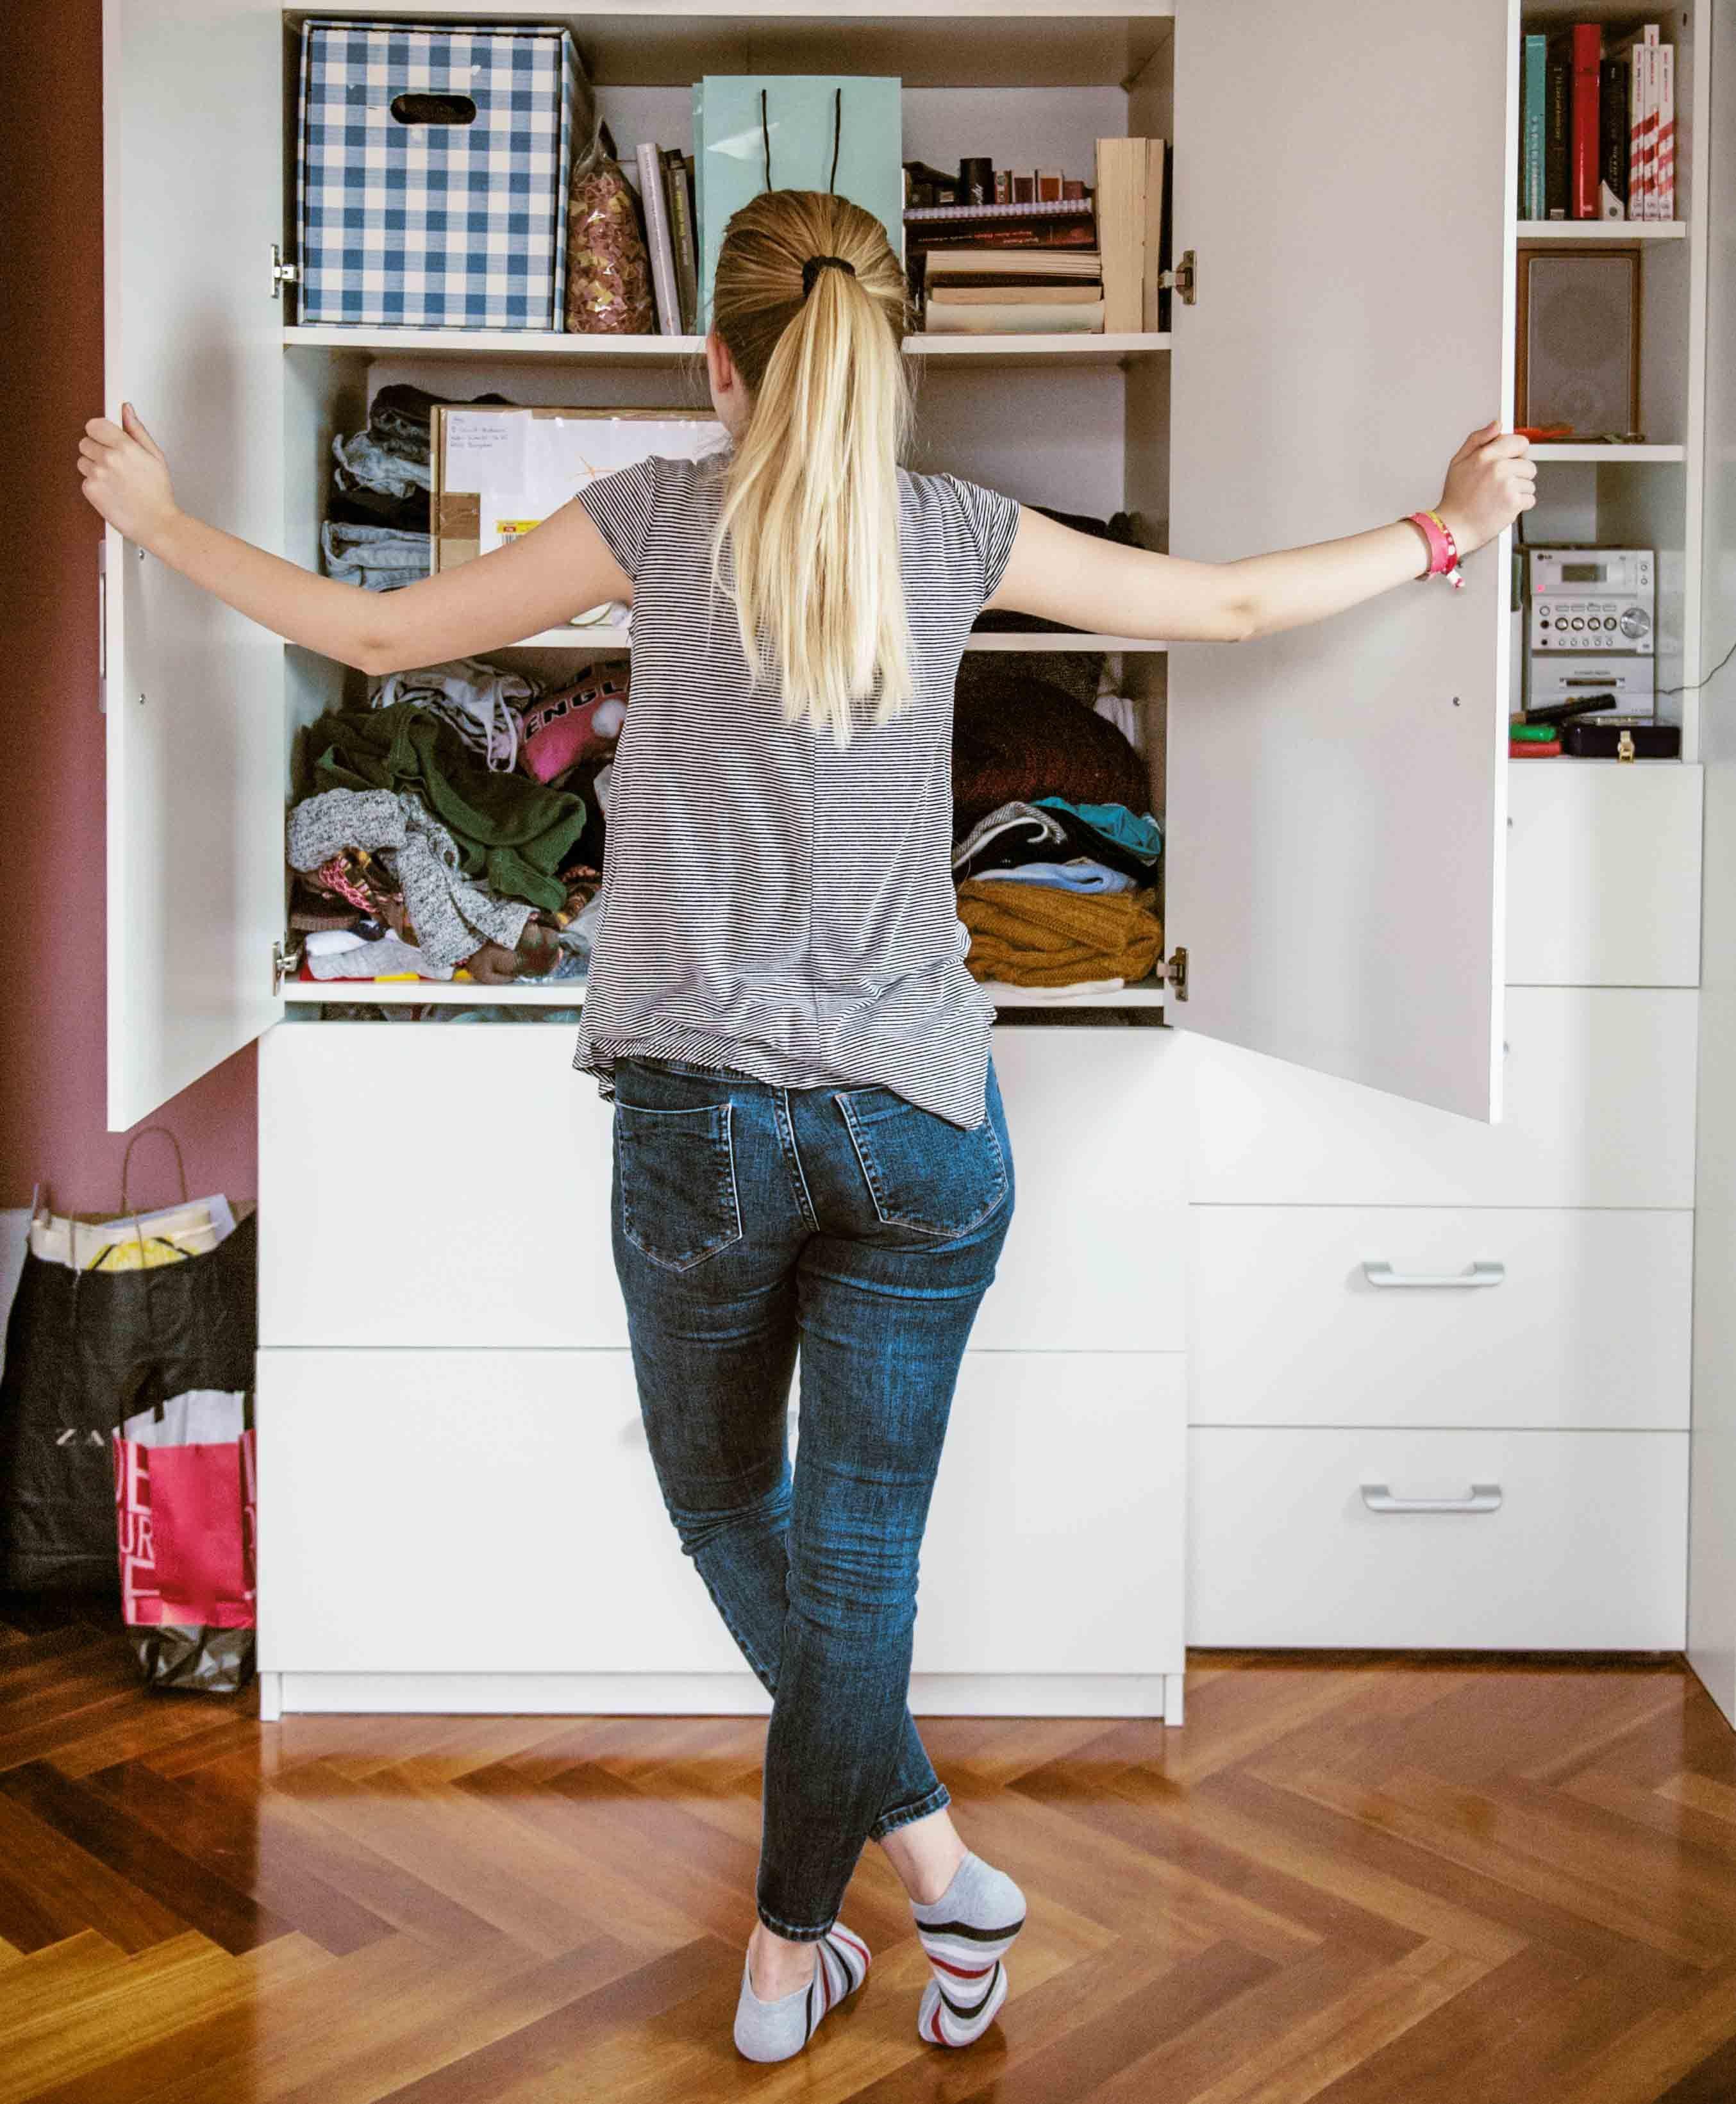 7 Ideen Die Dein Wohnzimmer Gemütlicher Machen: 15-Minuten-Projekte, Die Dein Leben Sehr Viel Besser